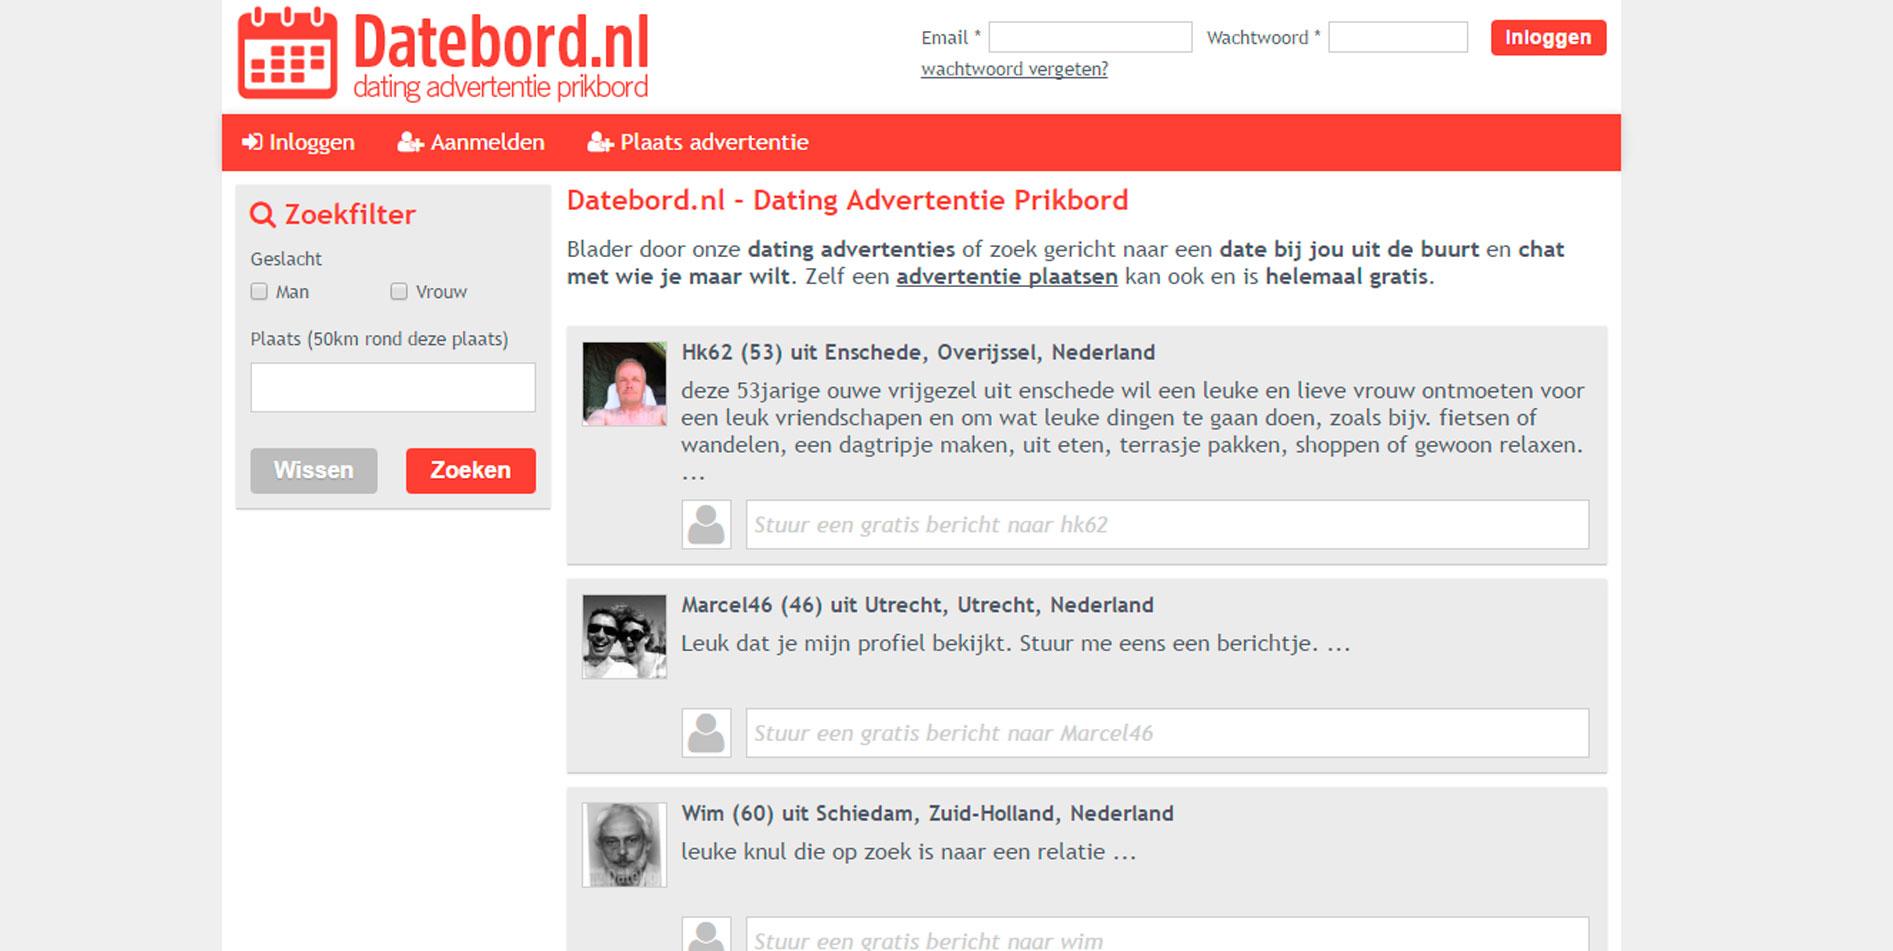 kosten datingsites vergelijken Roermond